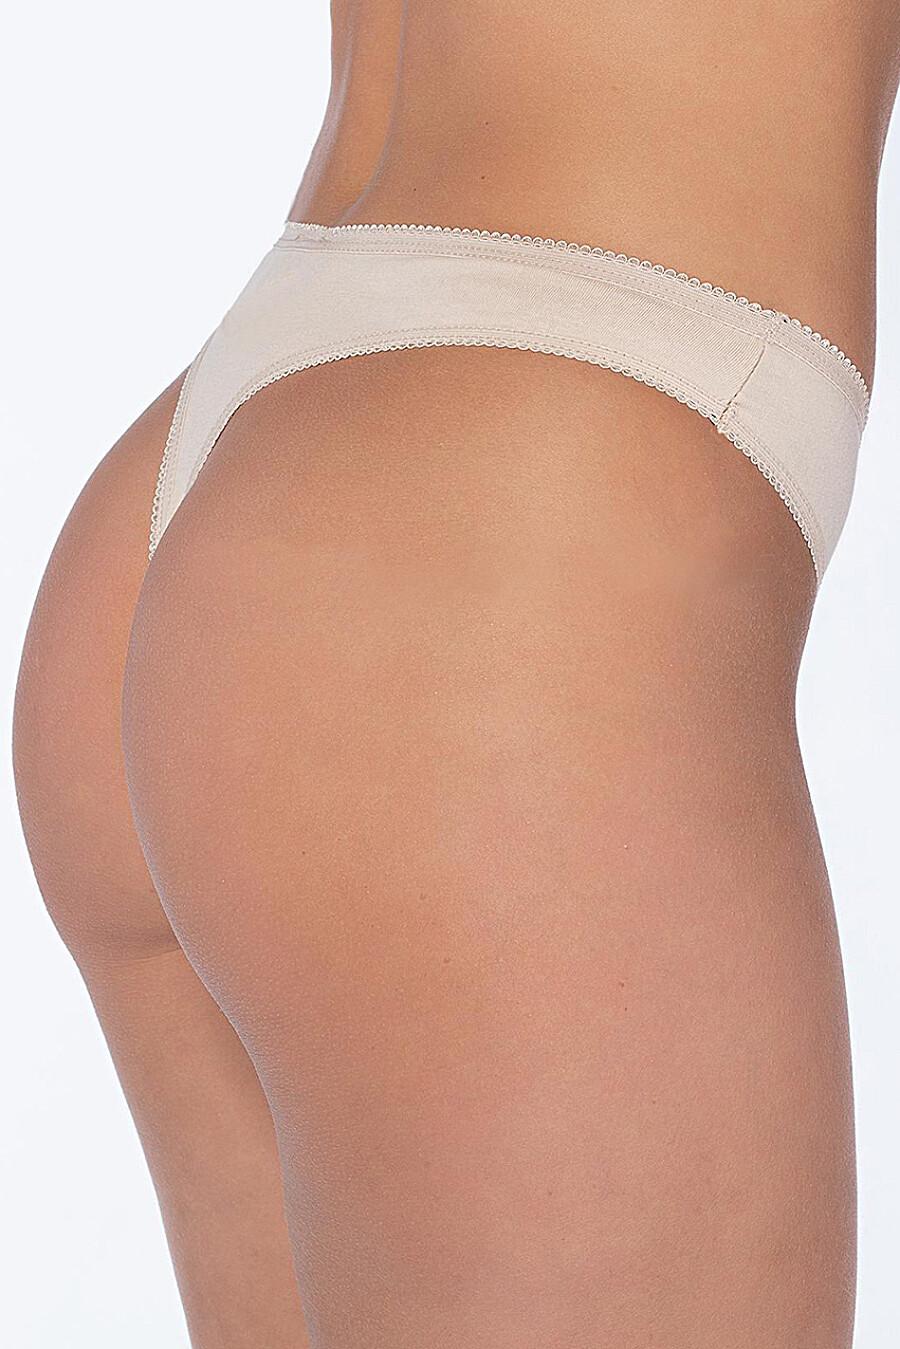 Трусы для женщин MINIMI 272809 купить оптом от производителя. Совместная покупка женской одежды в OptMoyo